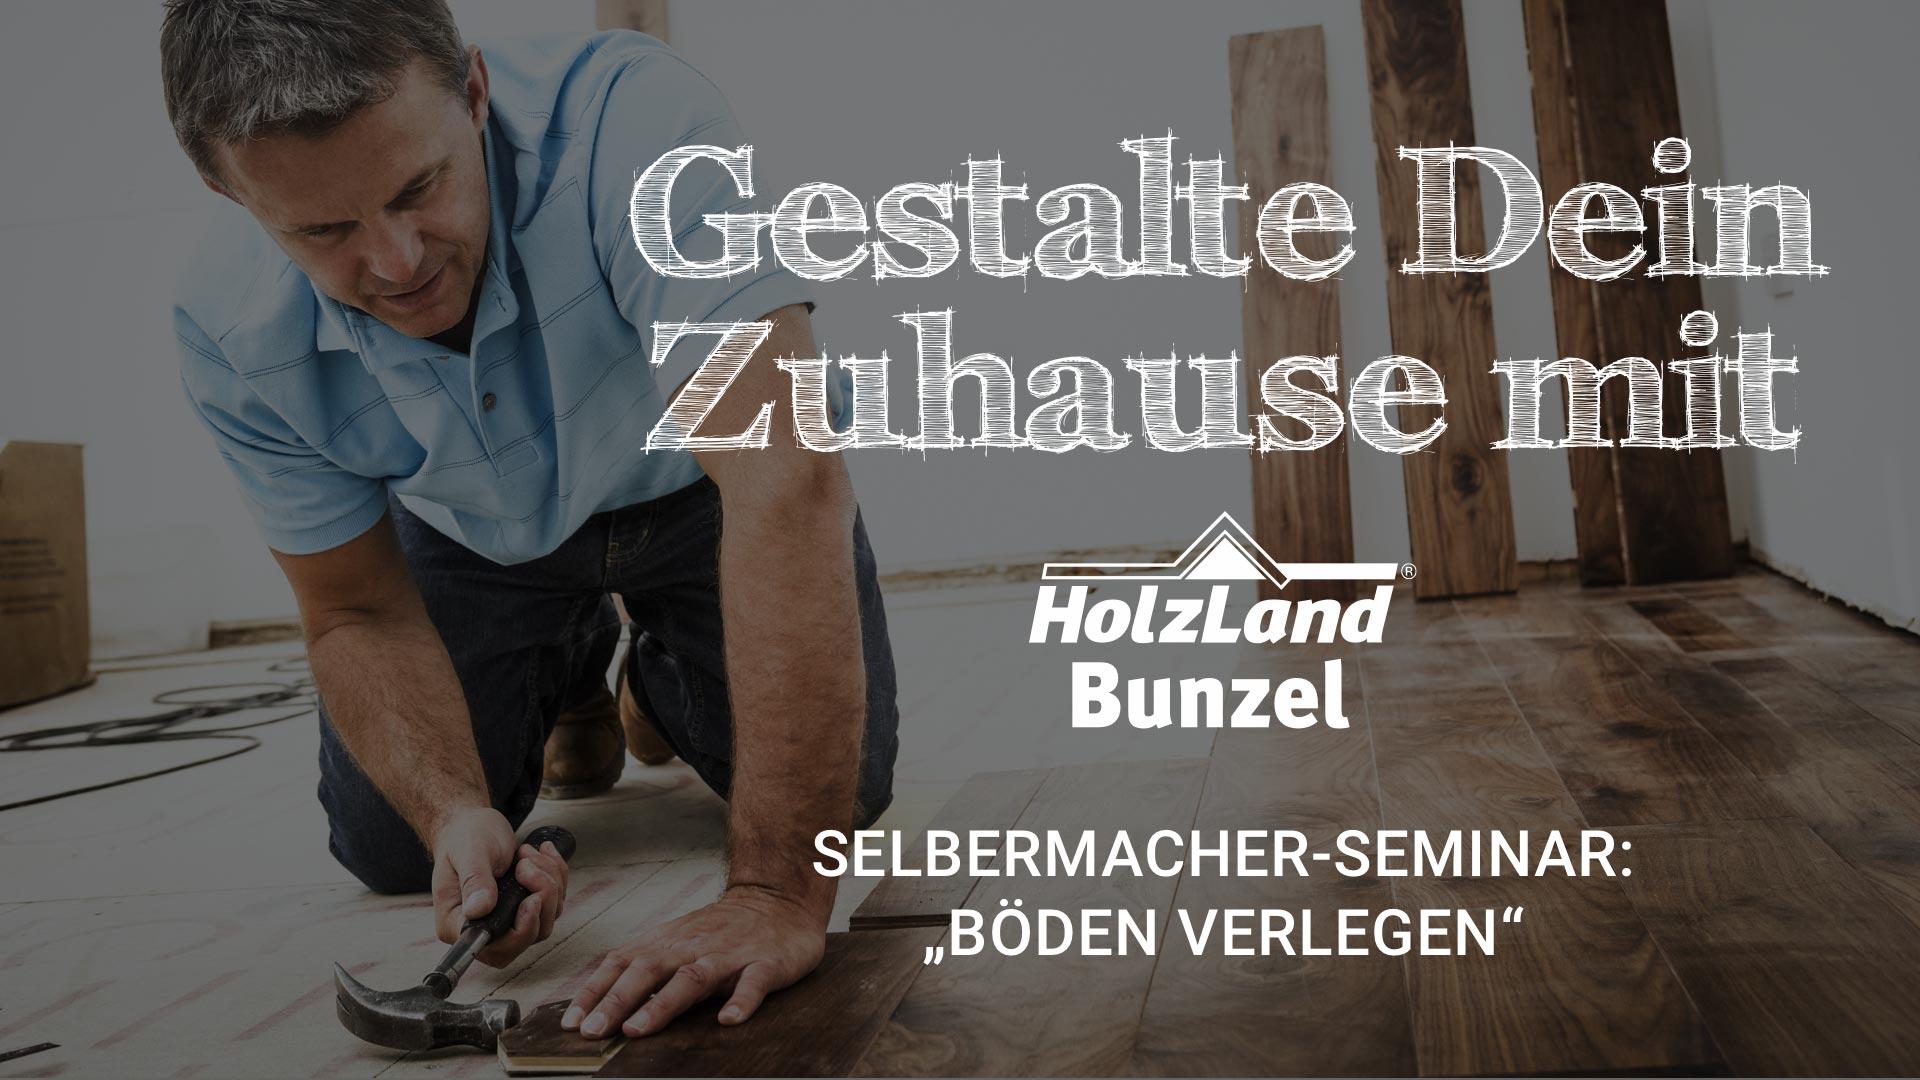 Holzfußböden verlegen 2018 | DIY-Seminar | HolzLand Bunzel in Marl